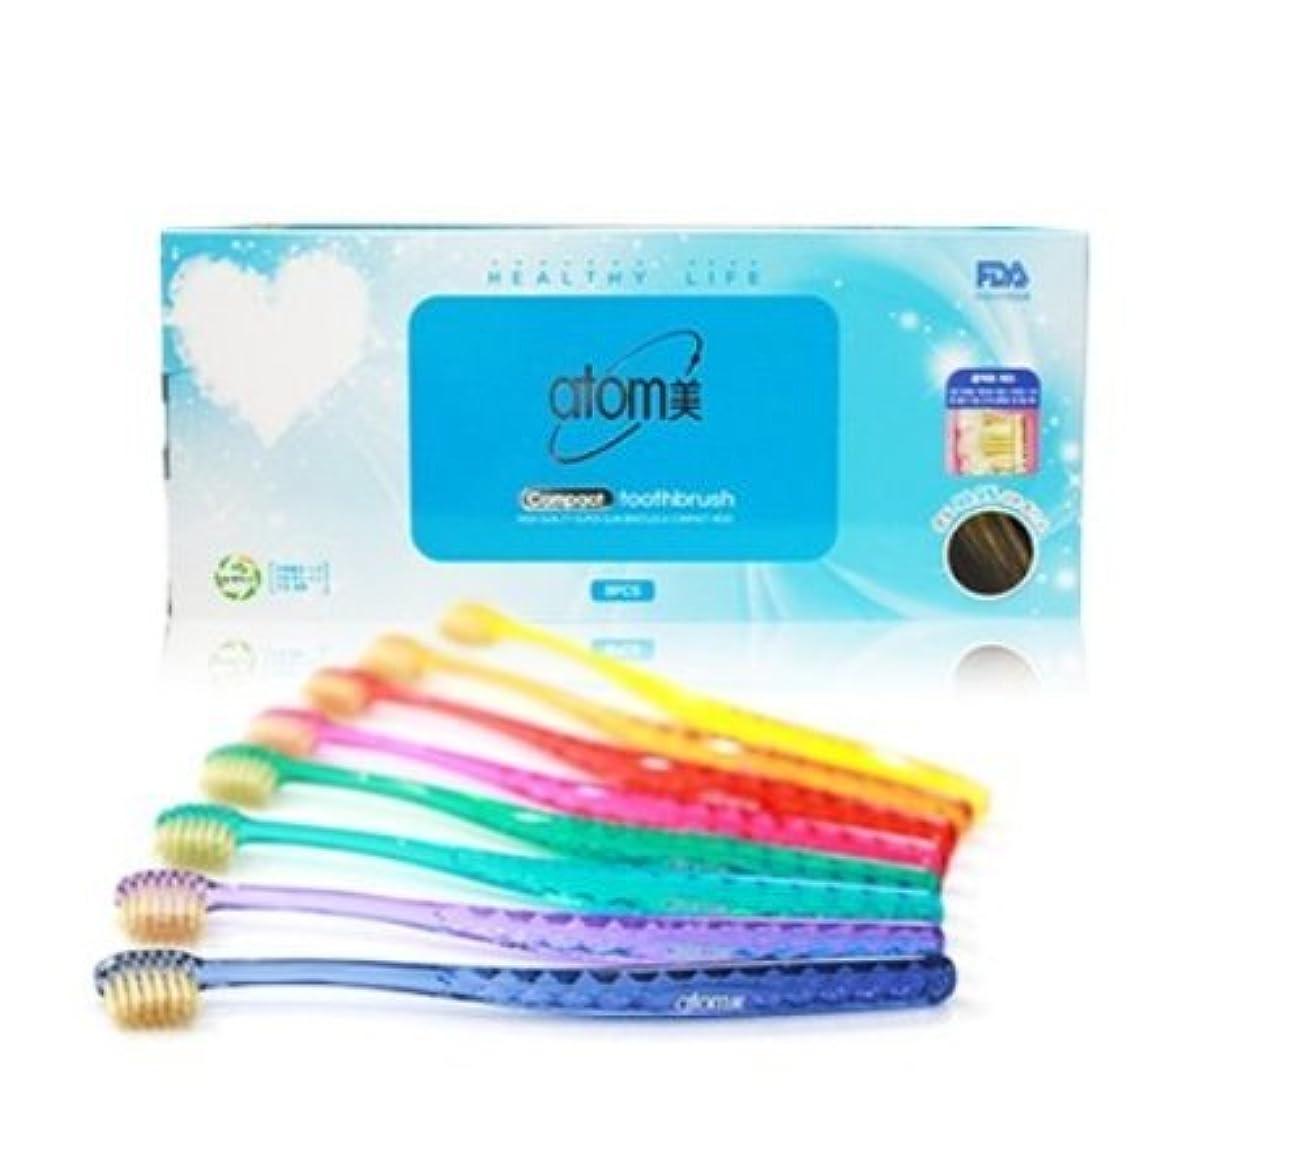 撤退取る保険Atomi Atomy Atom美 アトミ アトミコンパクト歯ブラシ8本セット